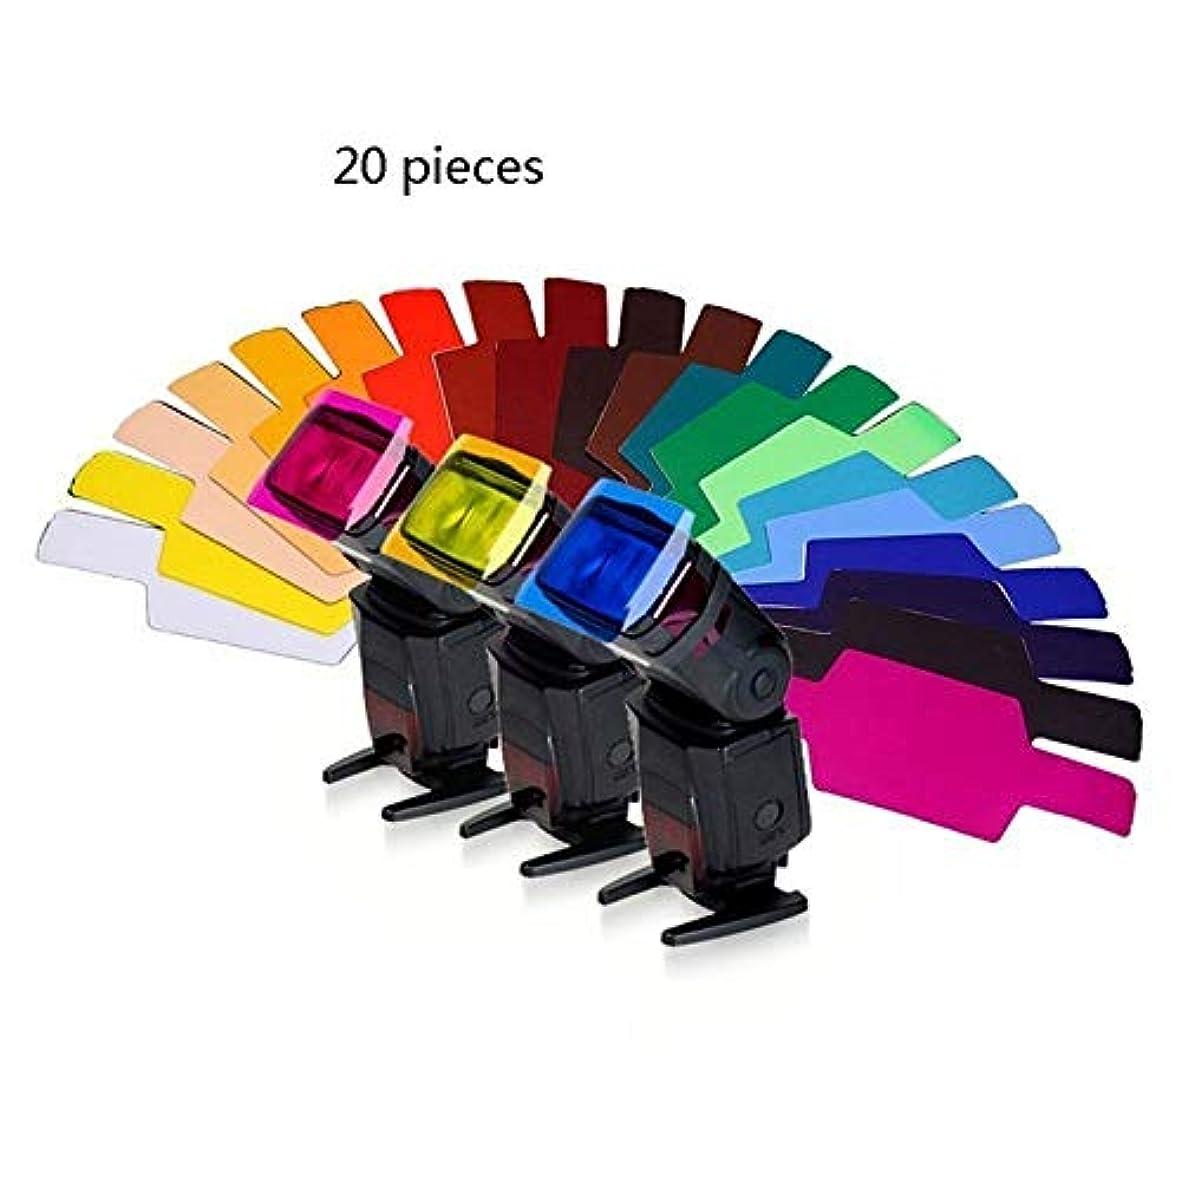 弁護士執着遡るカメラ用20PCSカラーフィルタートップフラッシュフィッティングフラッシュジェル照明フィルター(20色)